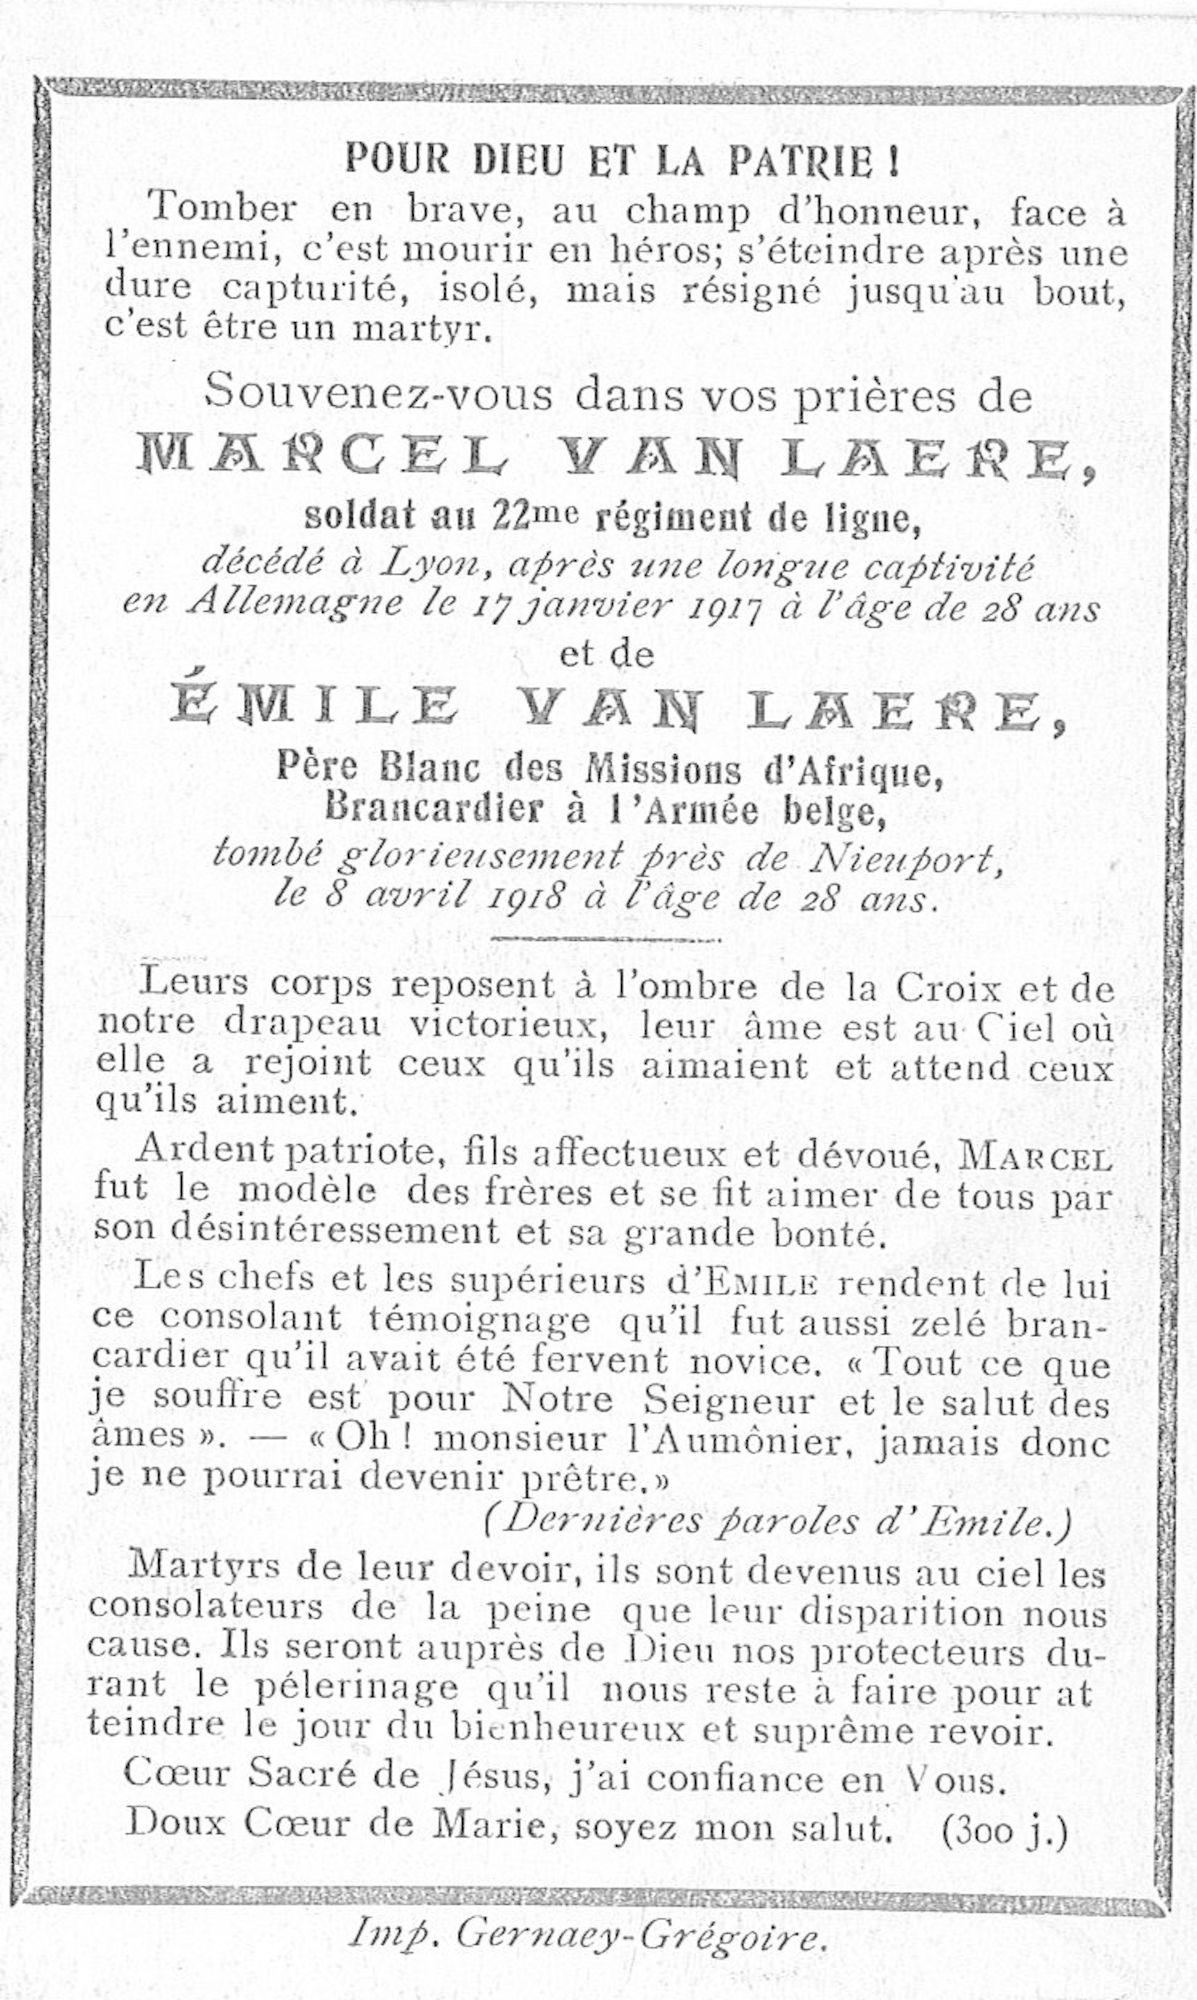 Marcel Van Laere